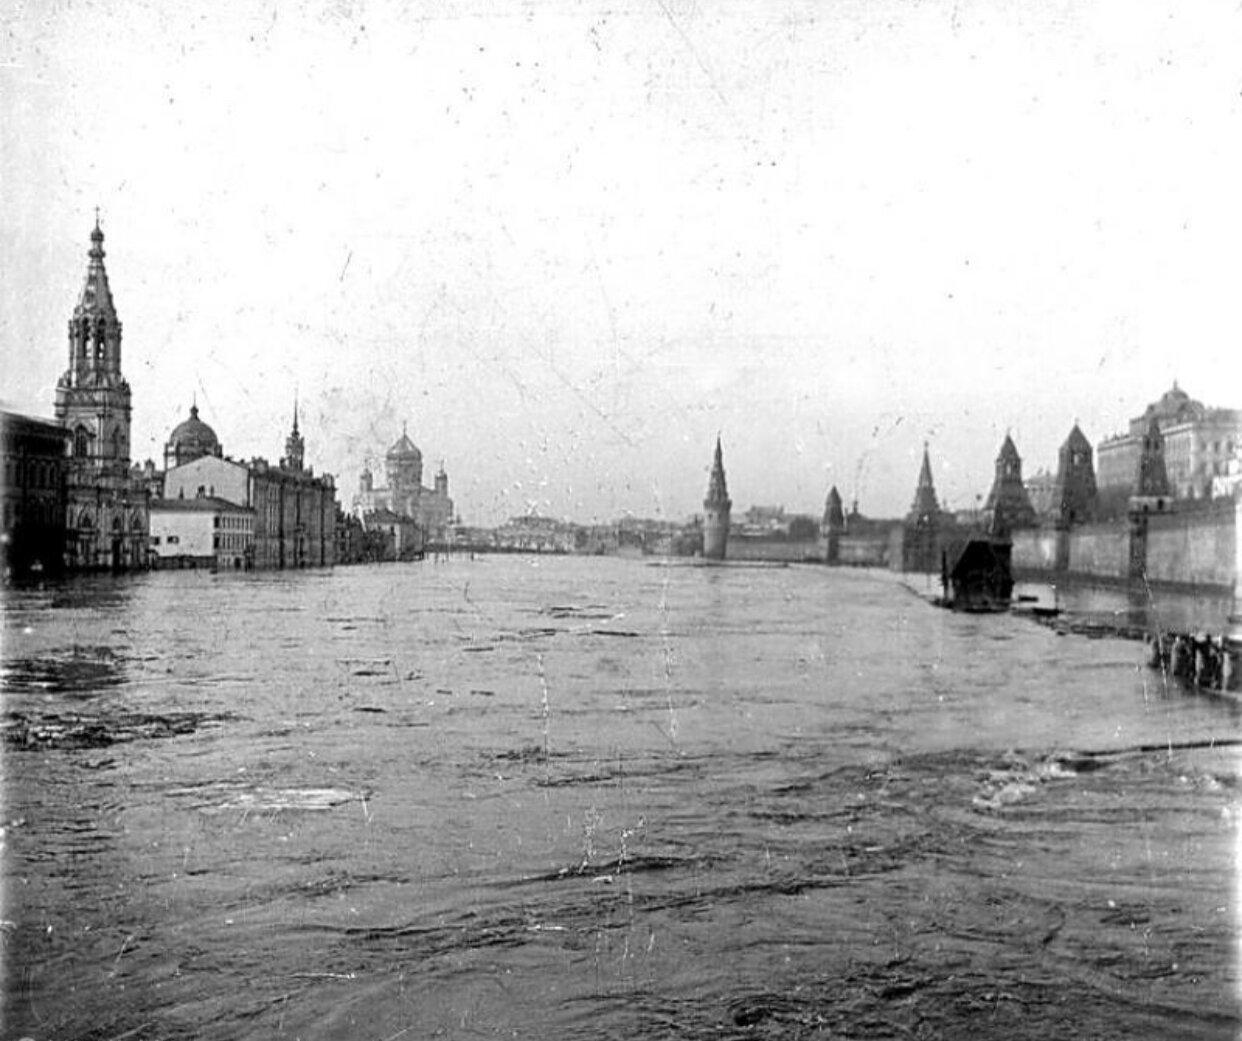 В апреле 1908 года произошло самое крупное наводнение в Москве. Уровень воды в Москве-реке поднялся почти на 9 метров. Около 100 километров улиц оказались затопленными. Естественно, такое событие было запечатлено на множестве фотографий.